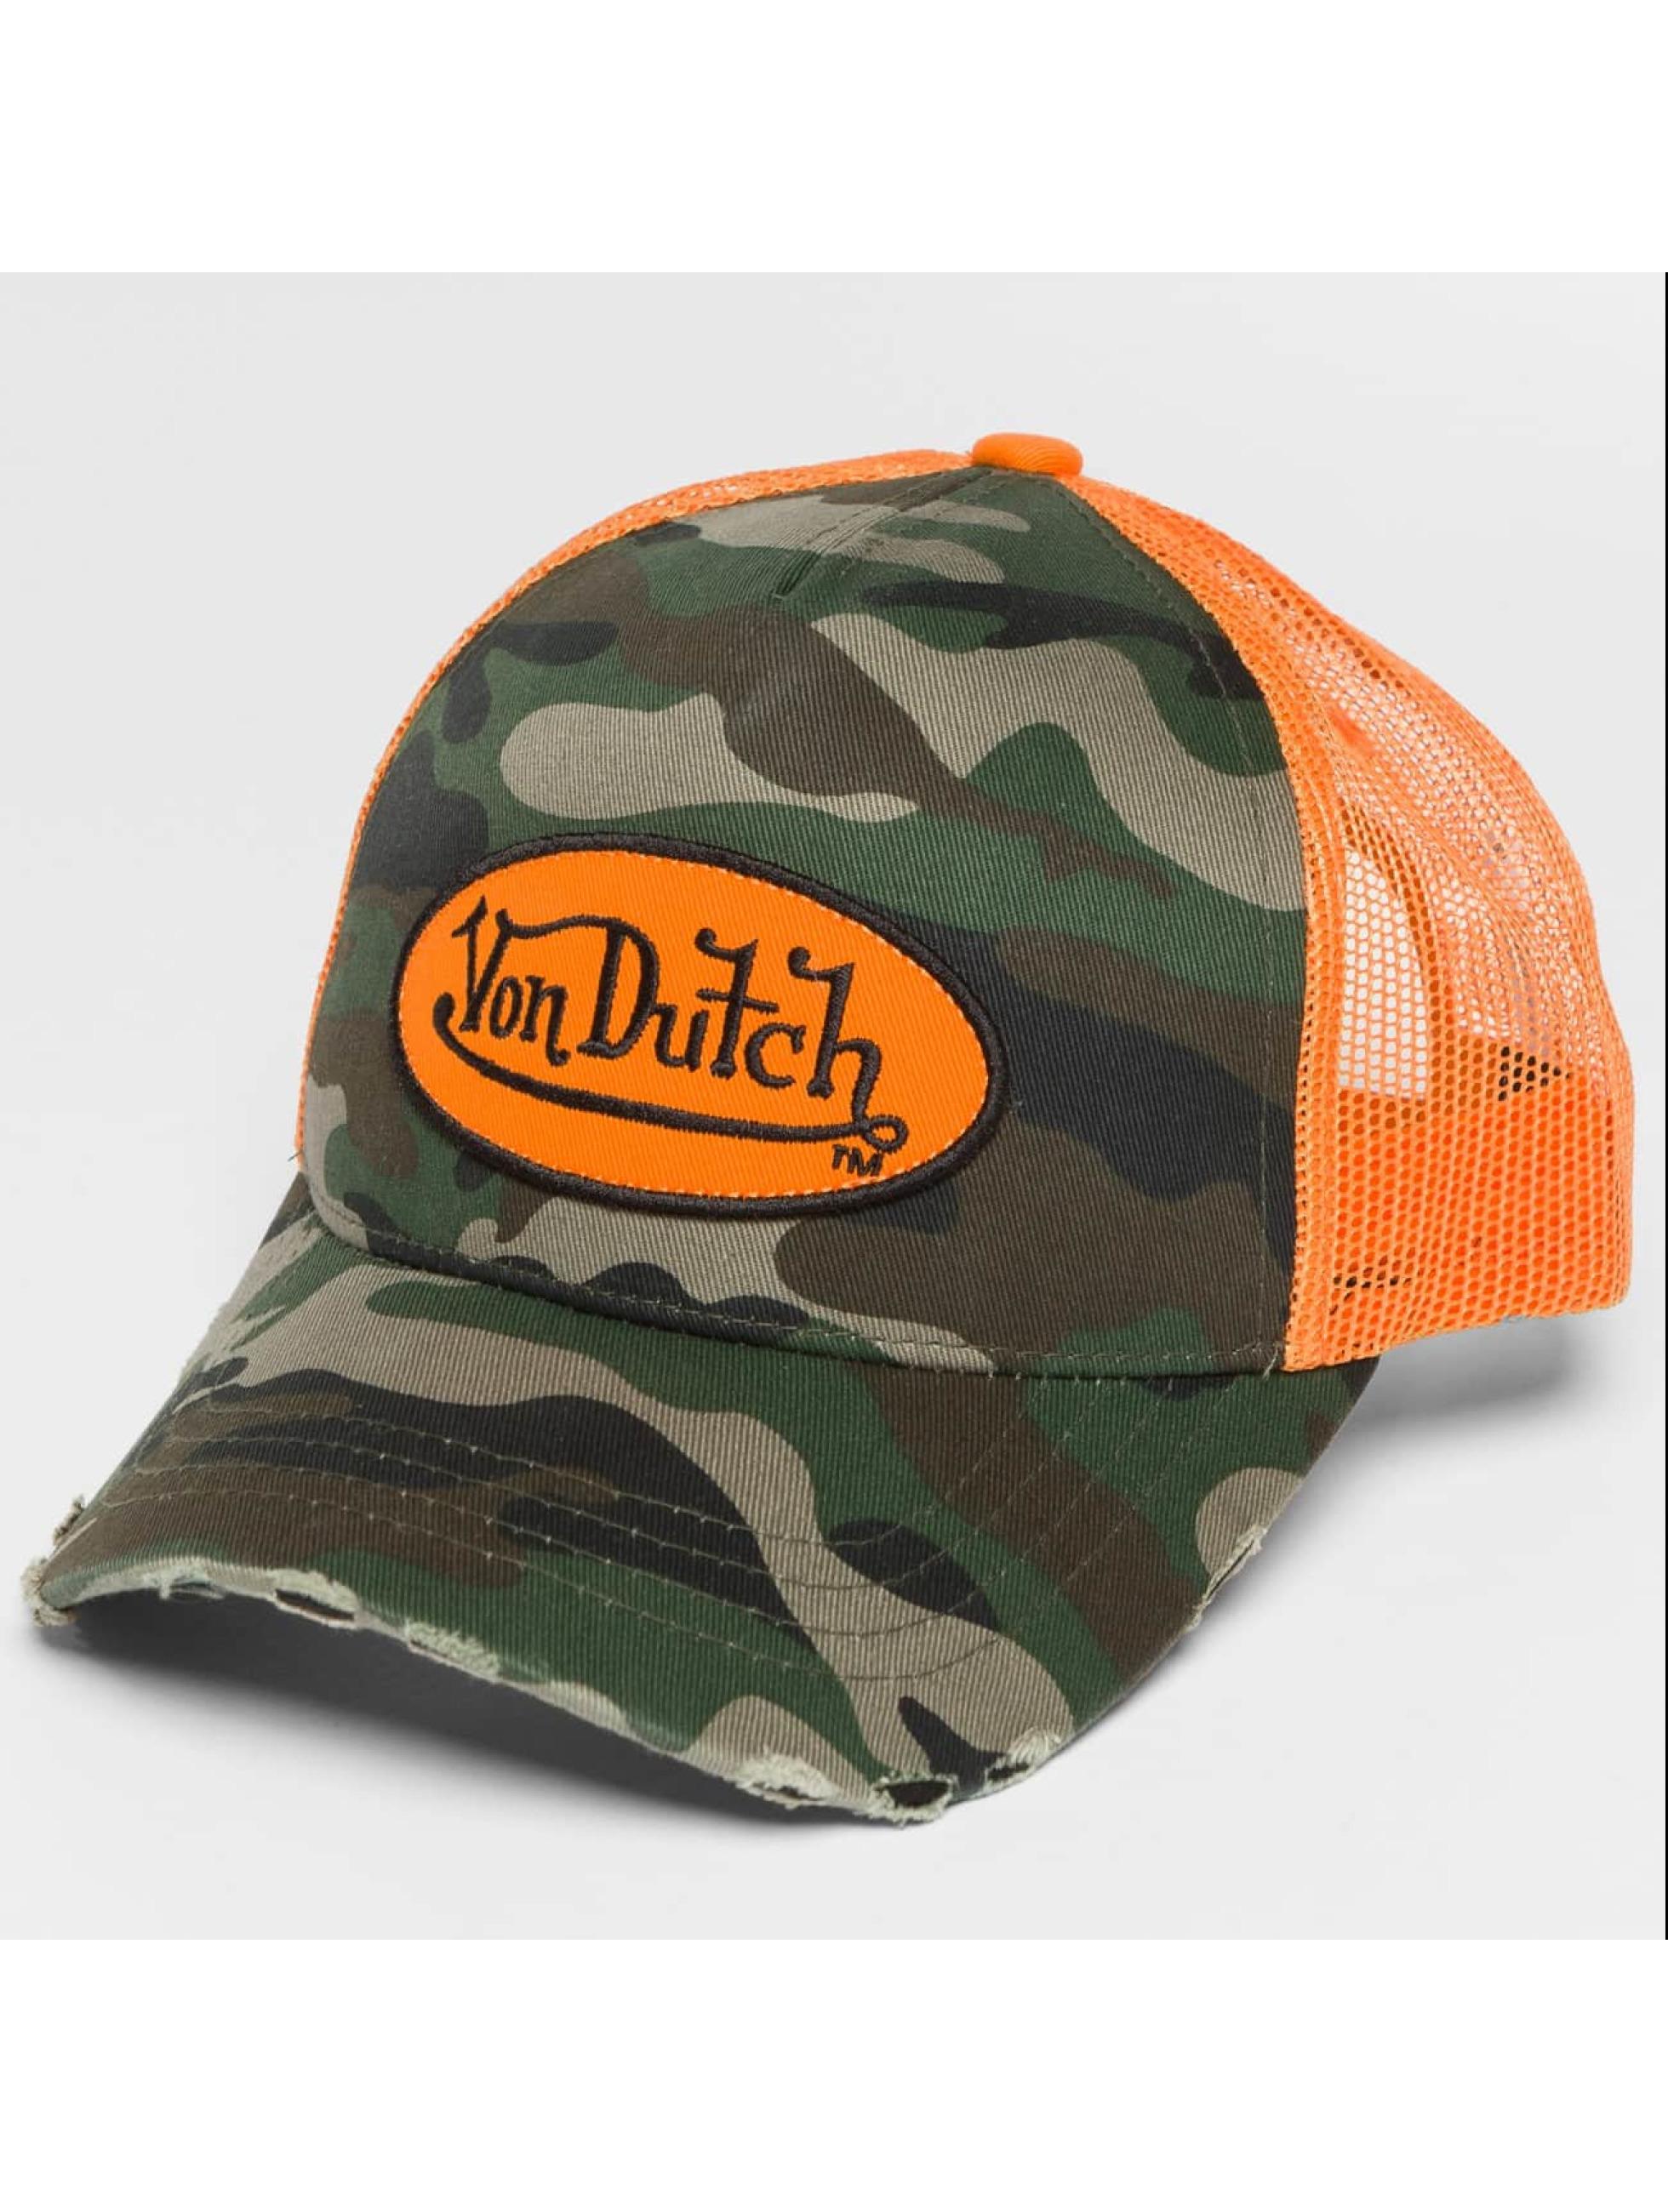 Von Dutch Gorra Trucker Camo camuflaje